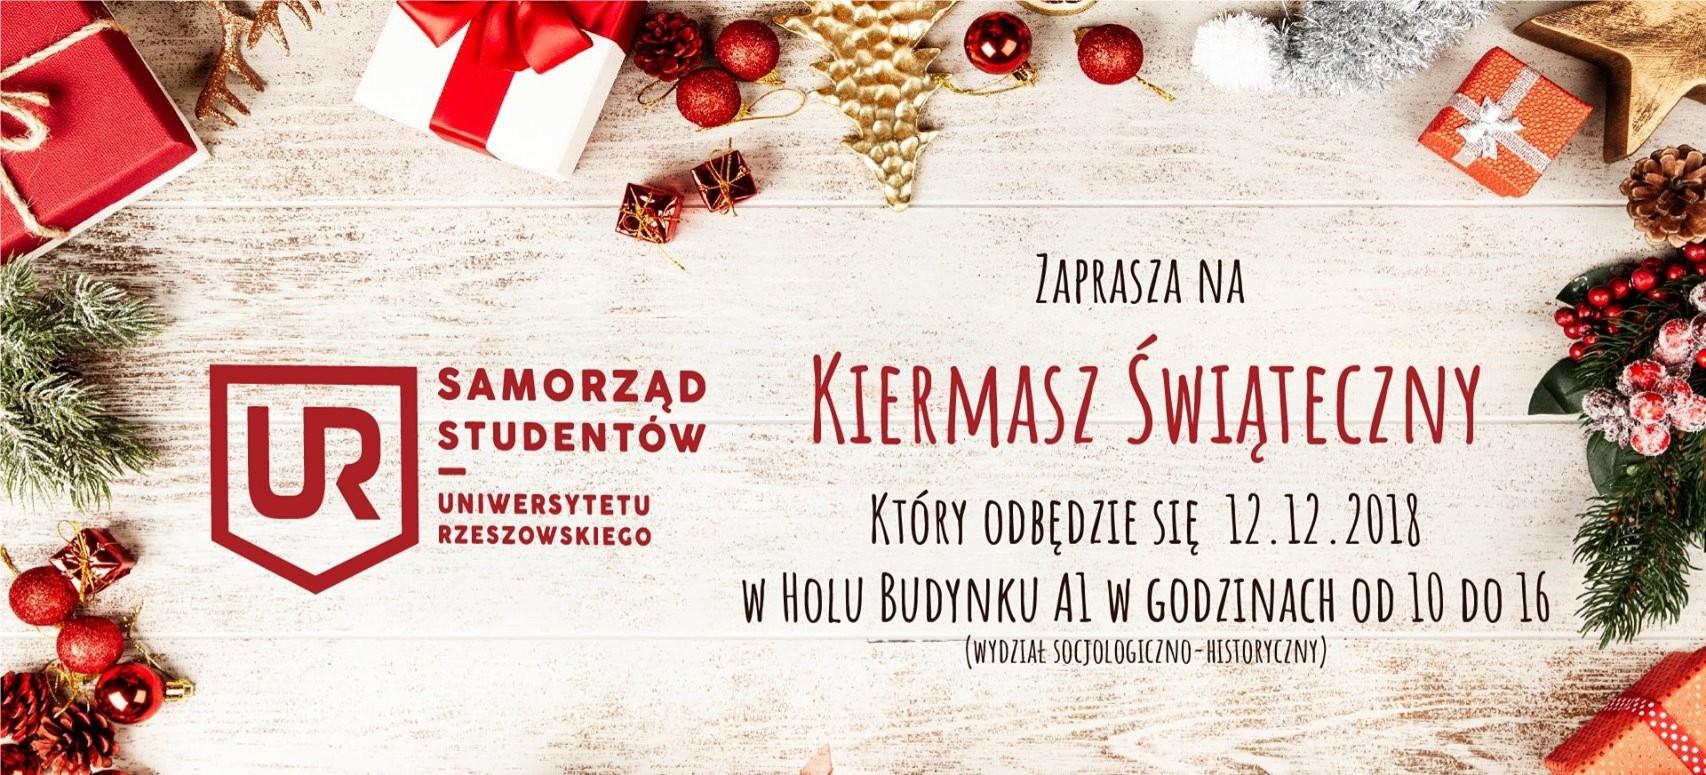 Kiermasz Świąteczny Wydziału Socjologiczno-Historycznego Uniwersytetu Rzeszowskiego